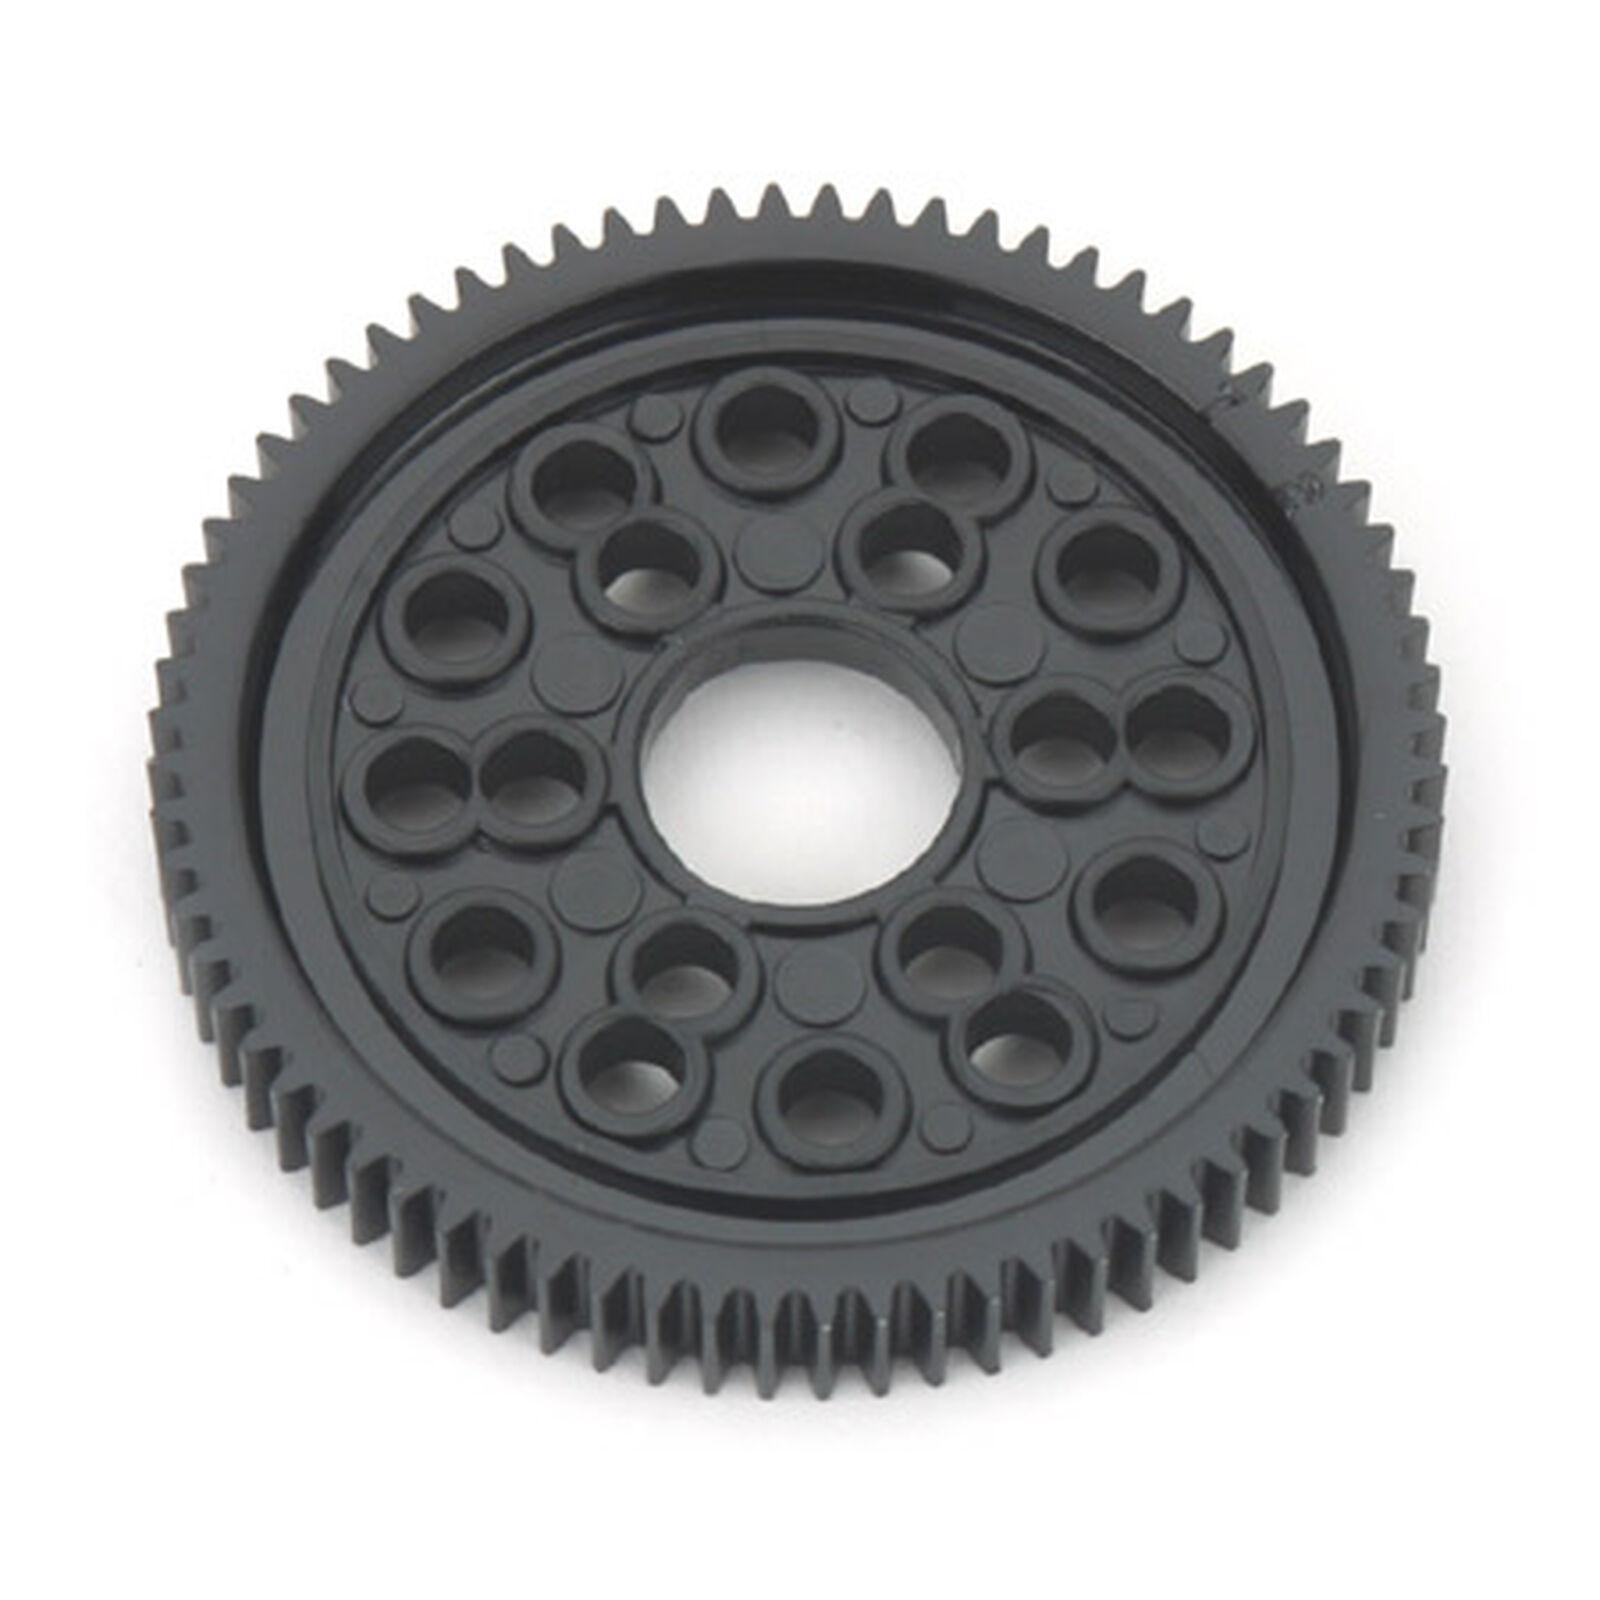 72T Spur Gear: TC3, TC4